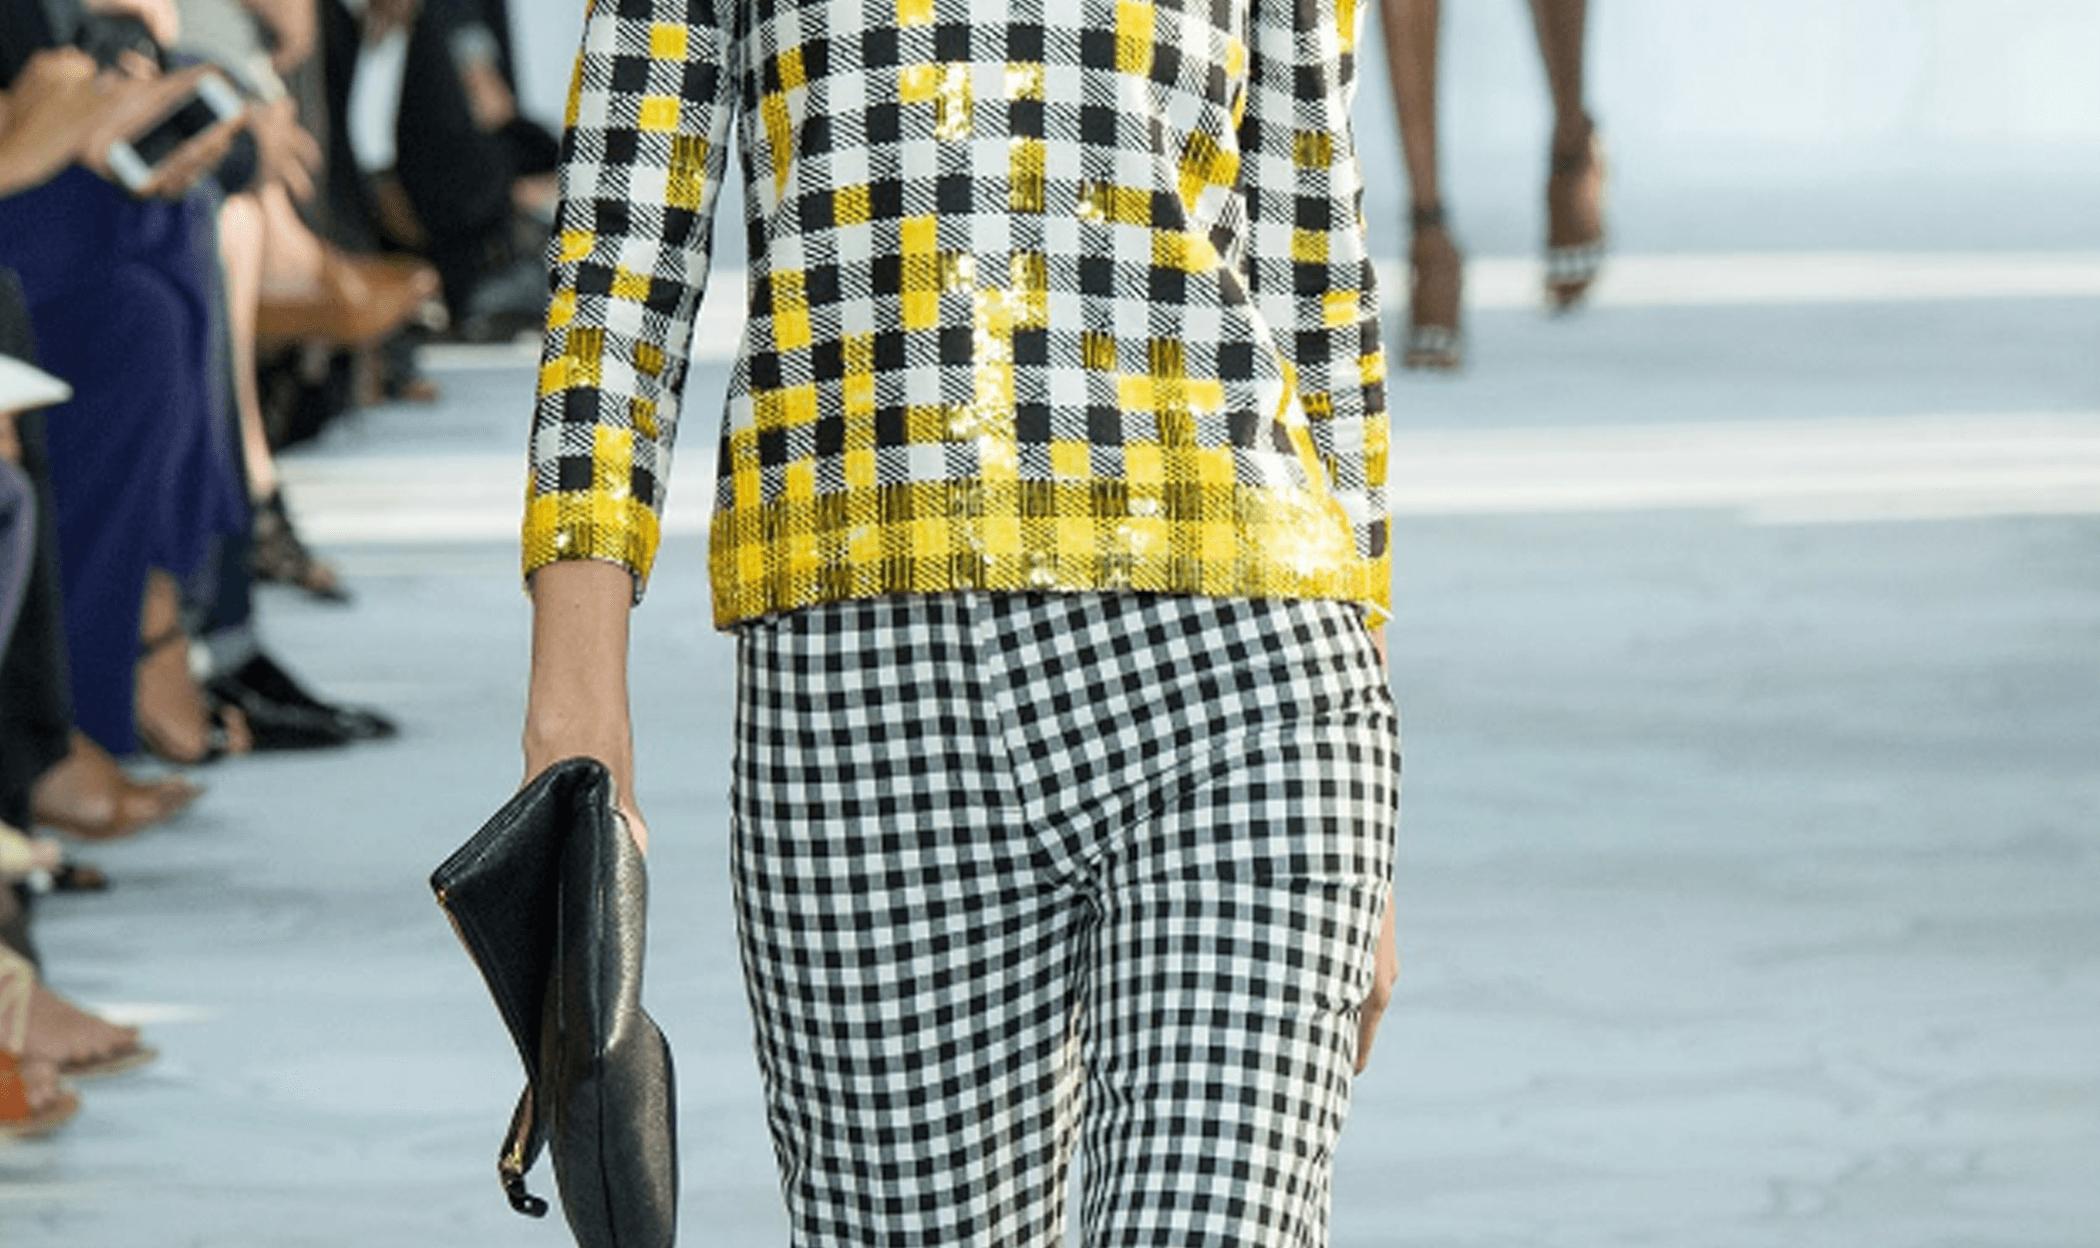 Runway Inspired Details – Diane von Furstenberg – Checks Mixing Scales